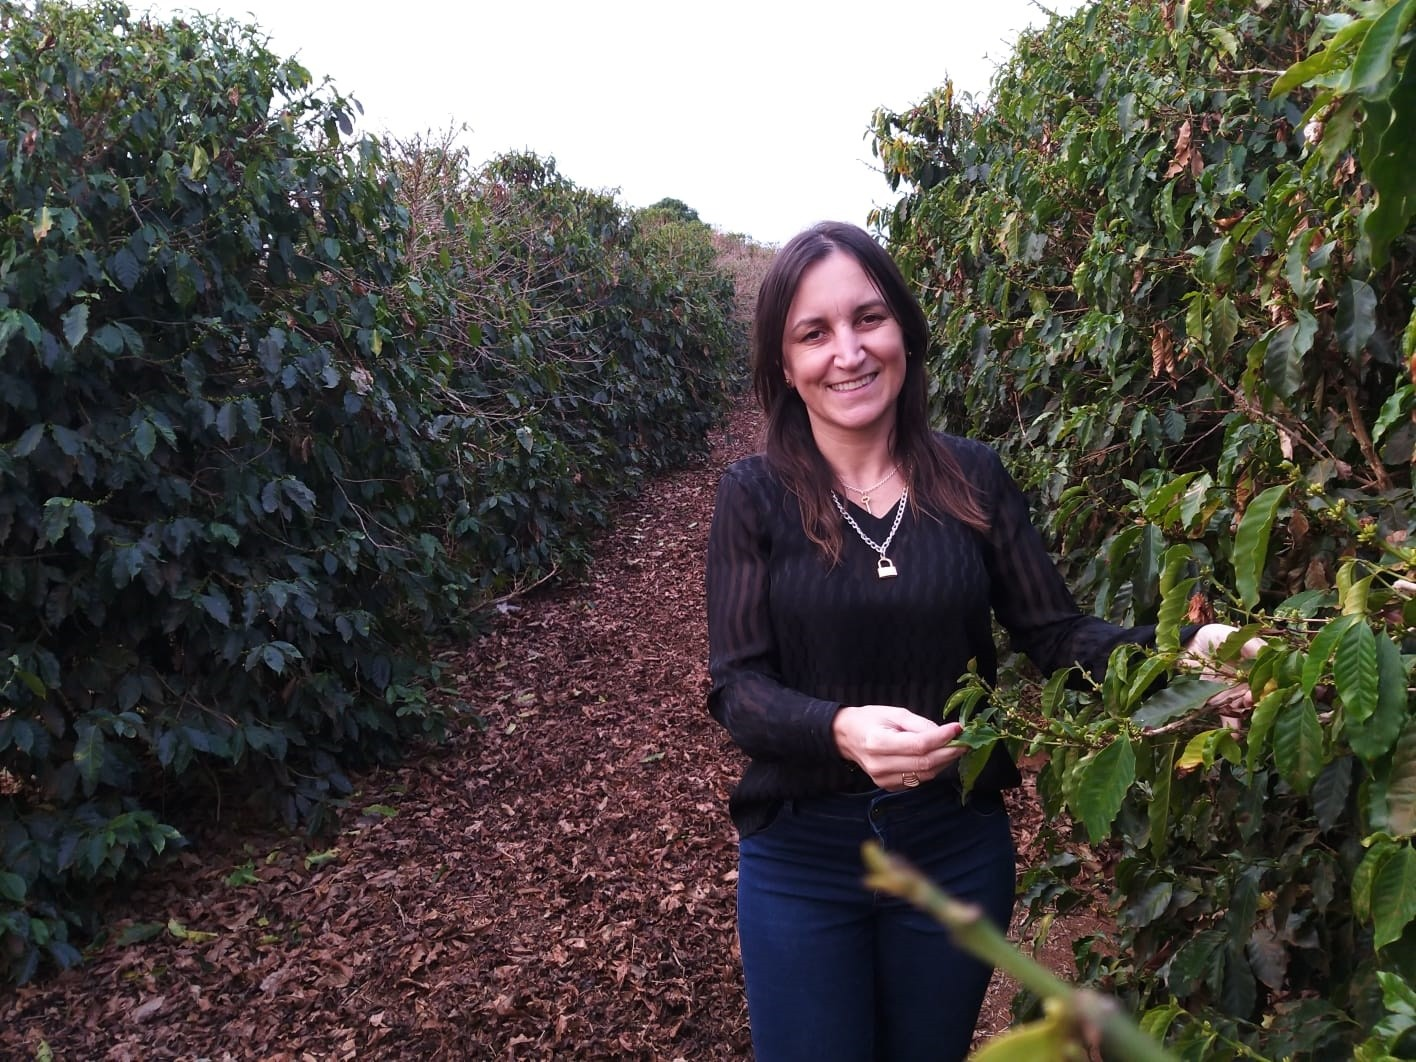 Polo de moda íntima, Juruaia alia confecções e lavouras de café: 'Um negócio ajuda o outro'